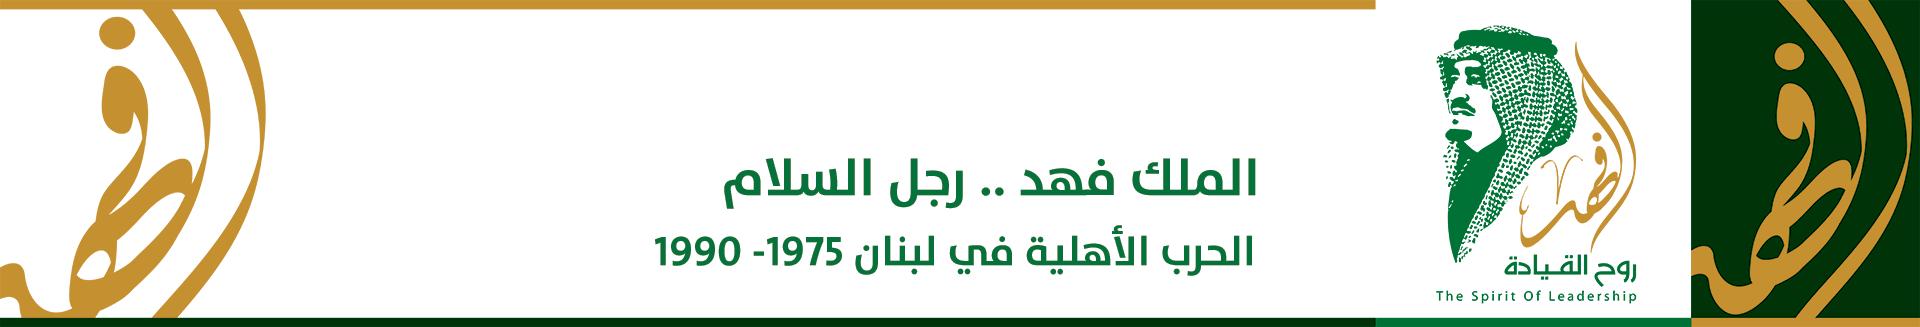 الملك فهد والحرب الأهلية في لبنان